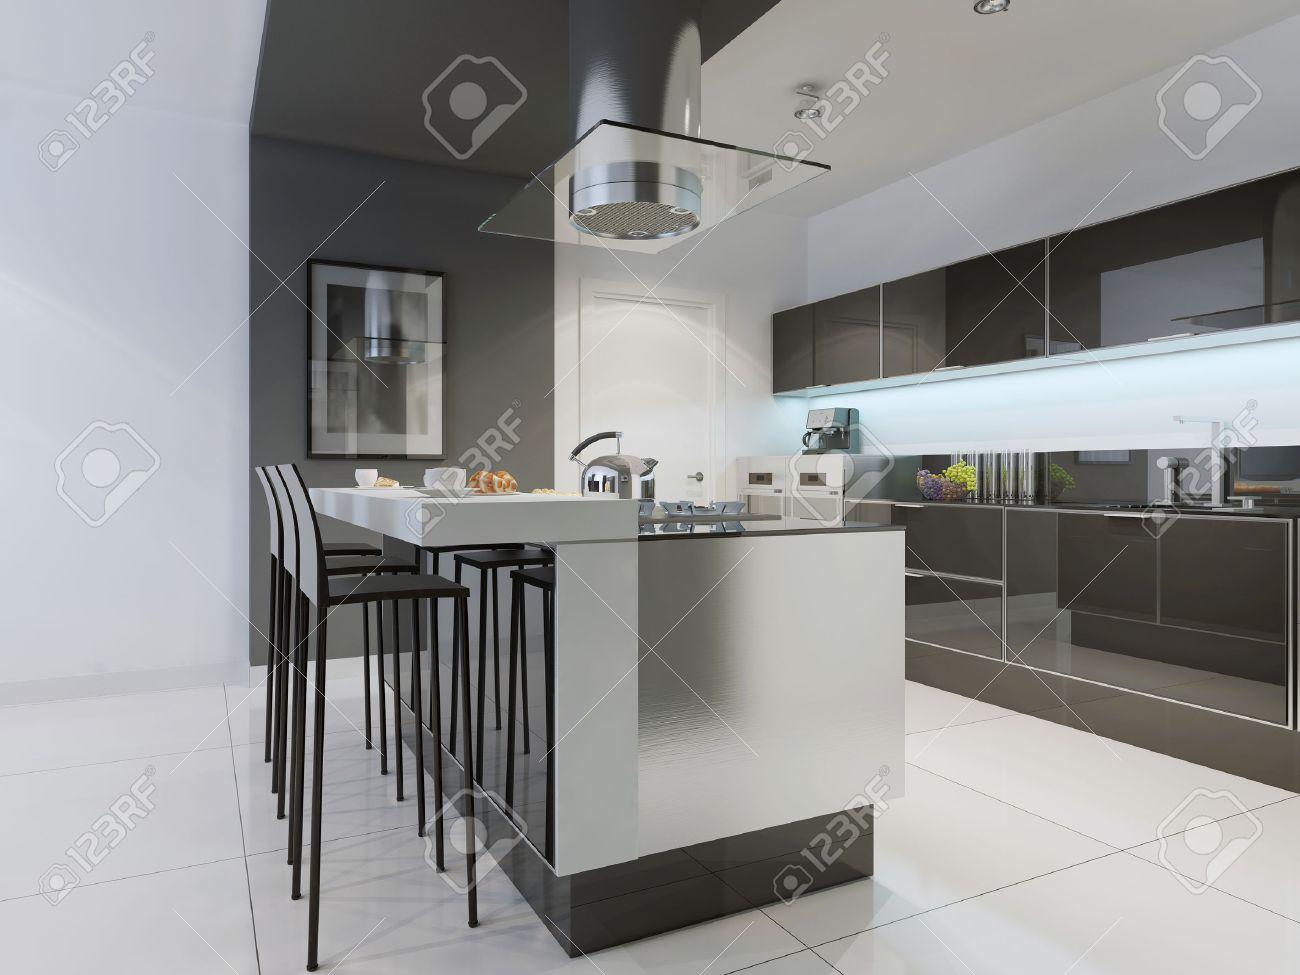 Progettazione Di Cucina Moderna Con Isola. Armadi A Schermo Piatto ...